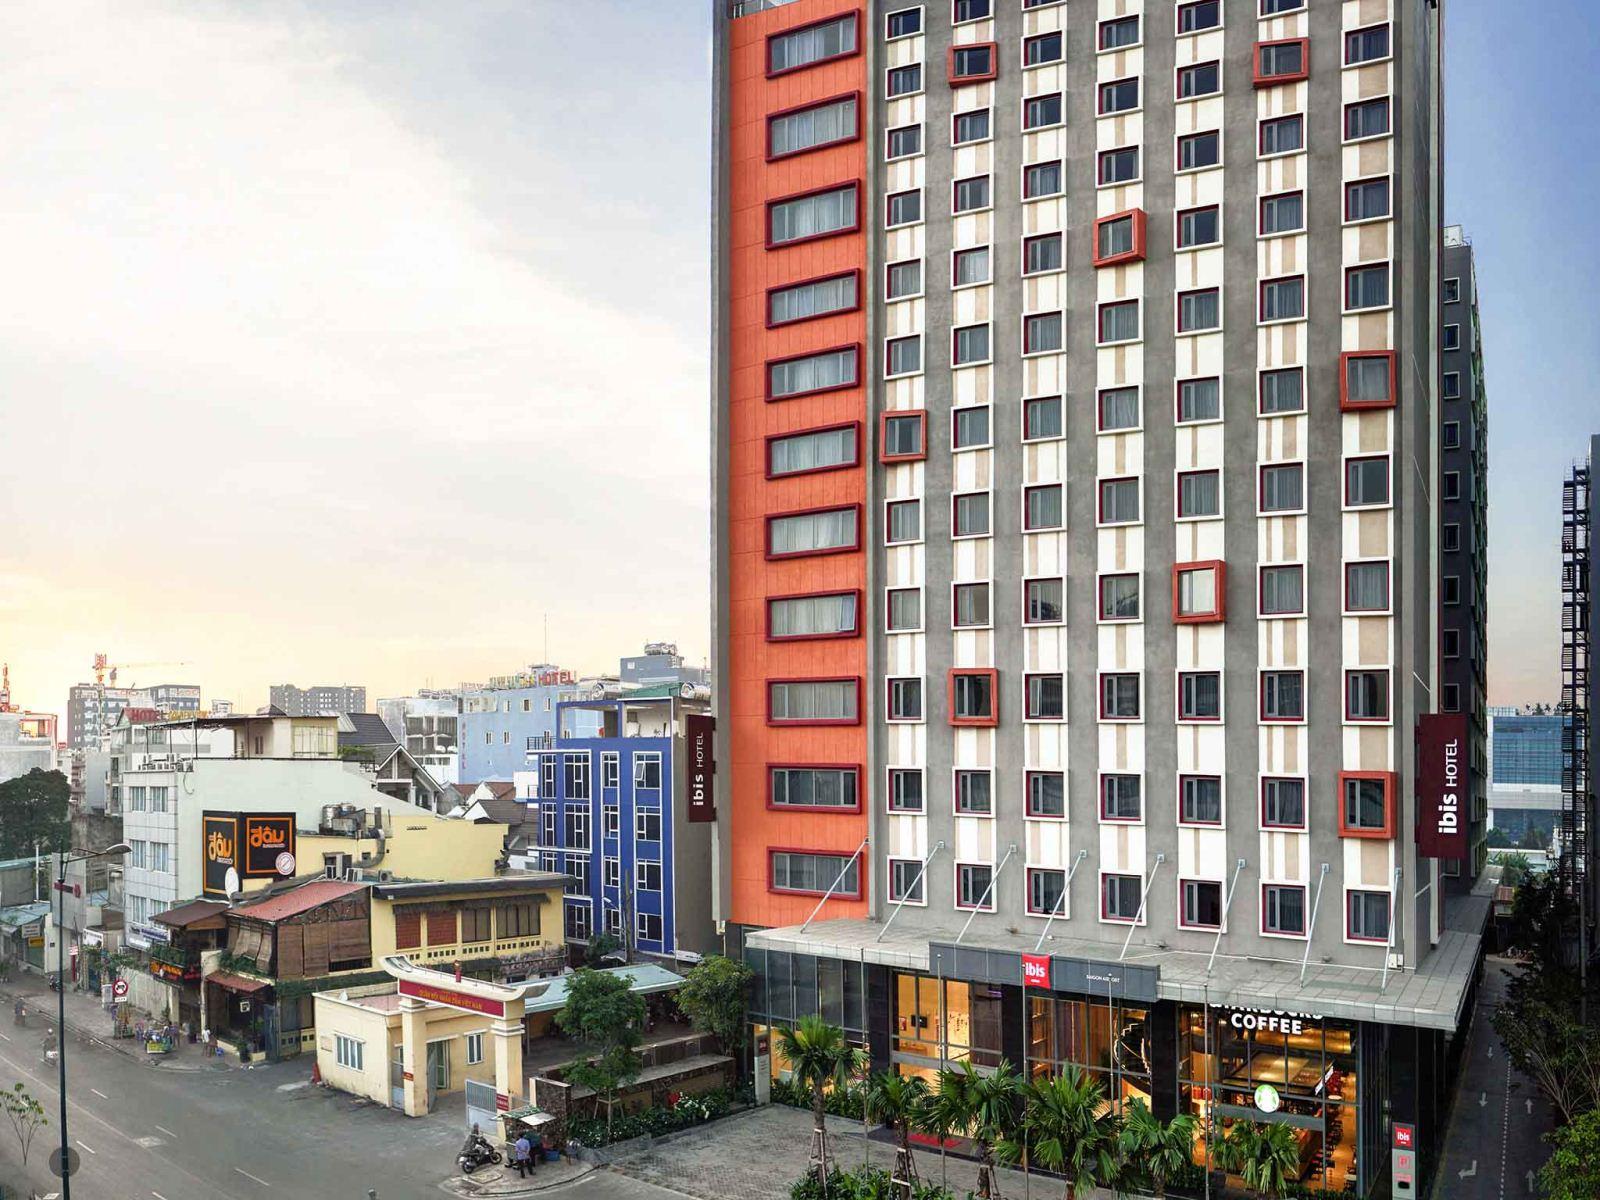 Nhu cầu khách sạn cách ly tại TP HCM đang tăng cao - Ảnh 1.